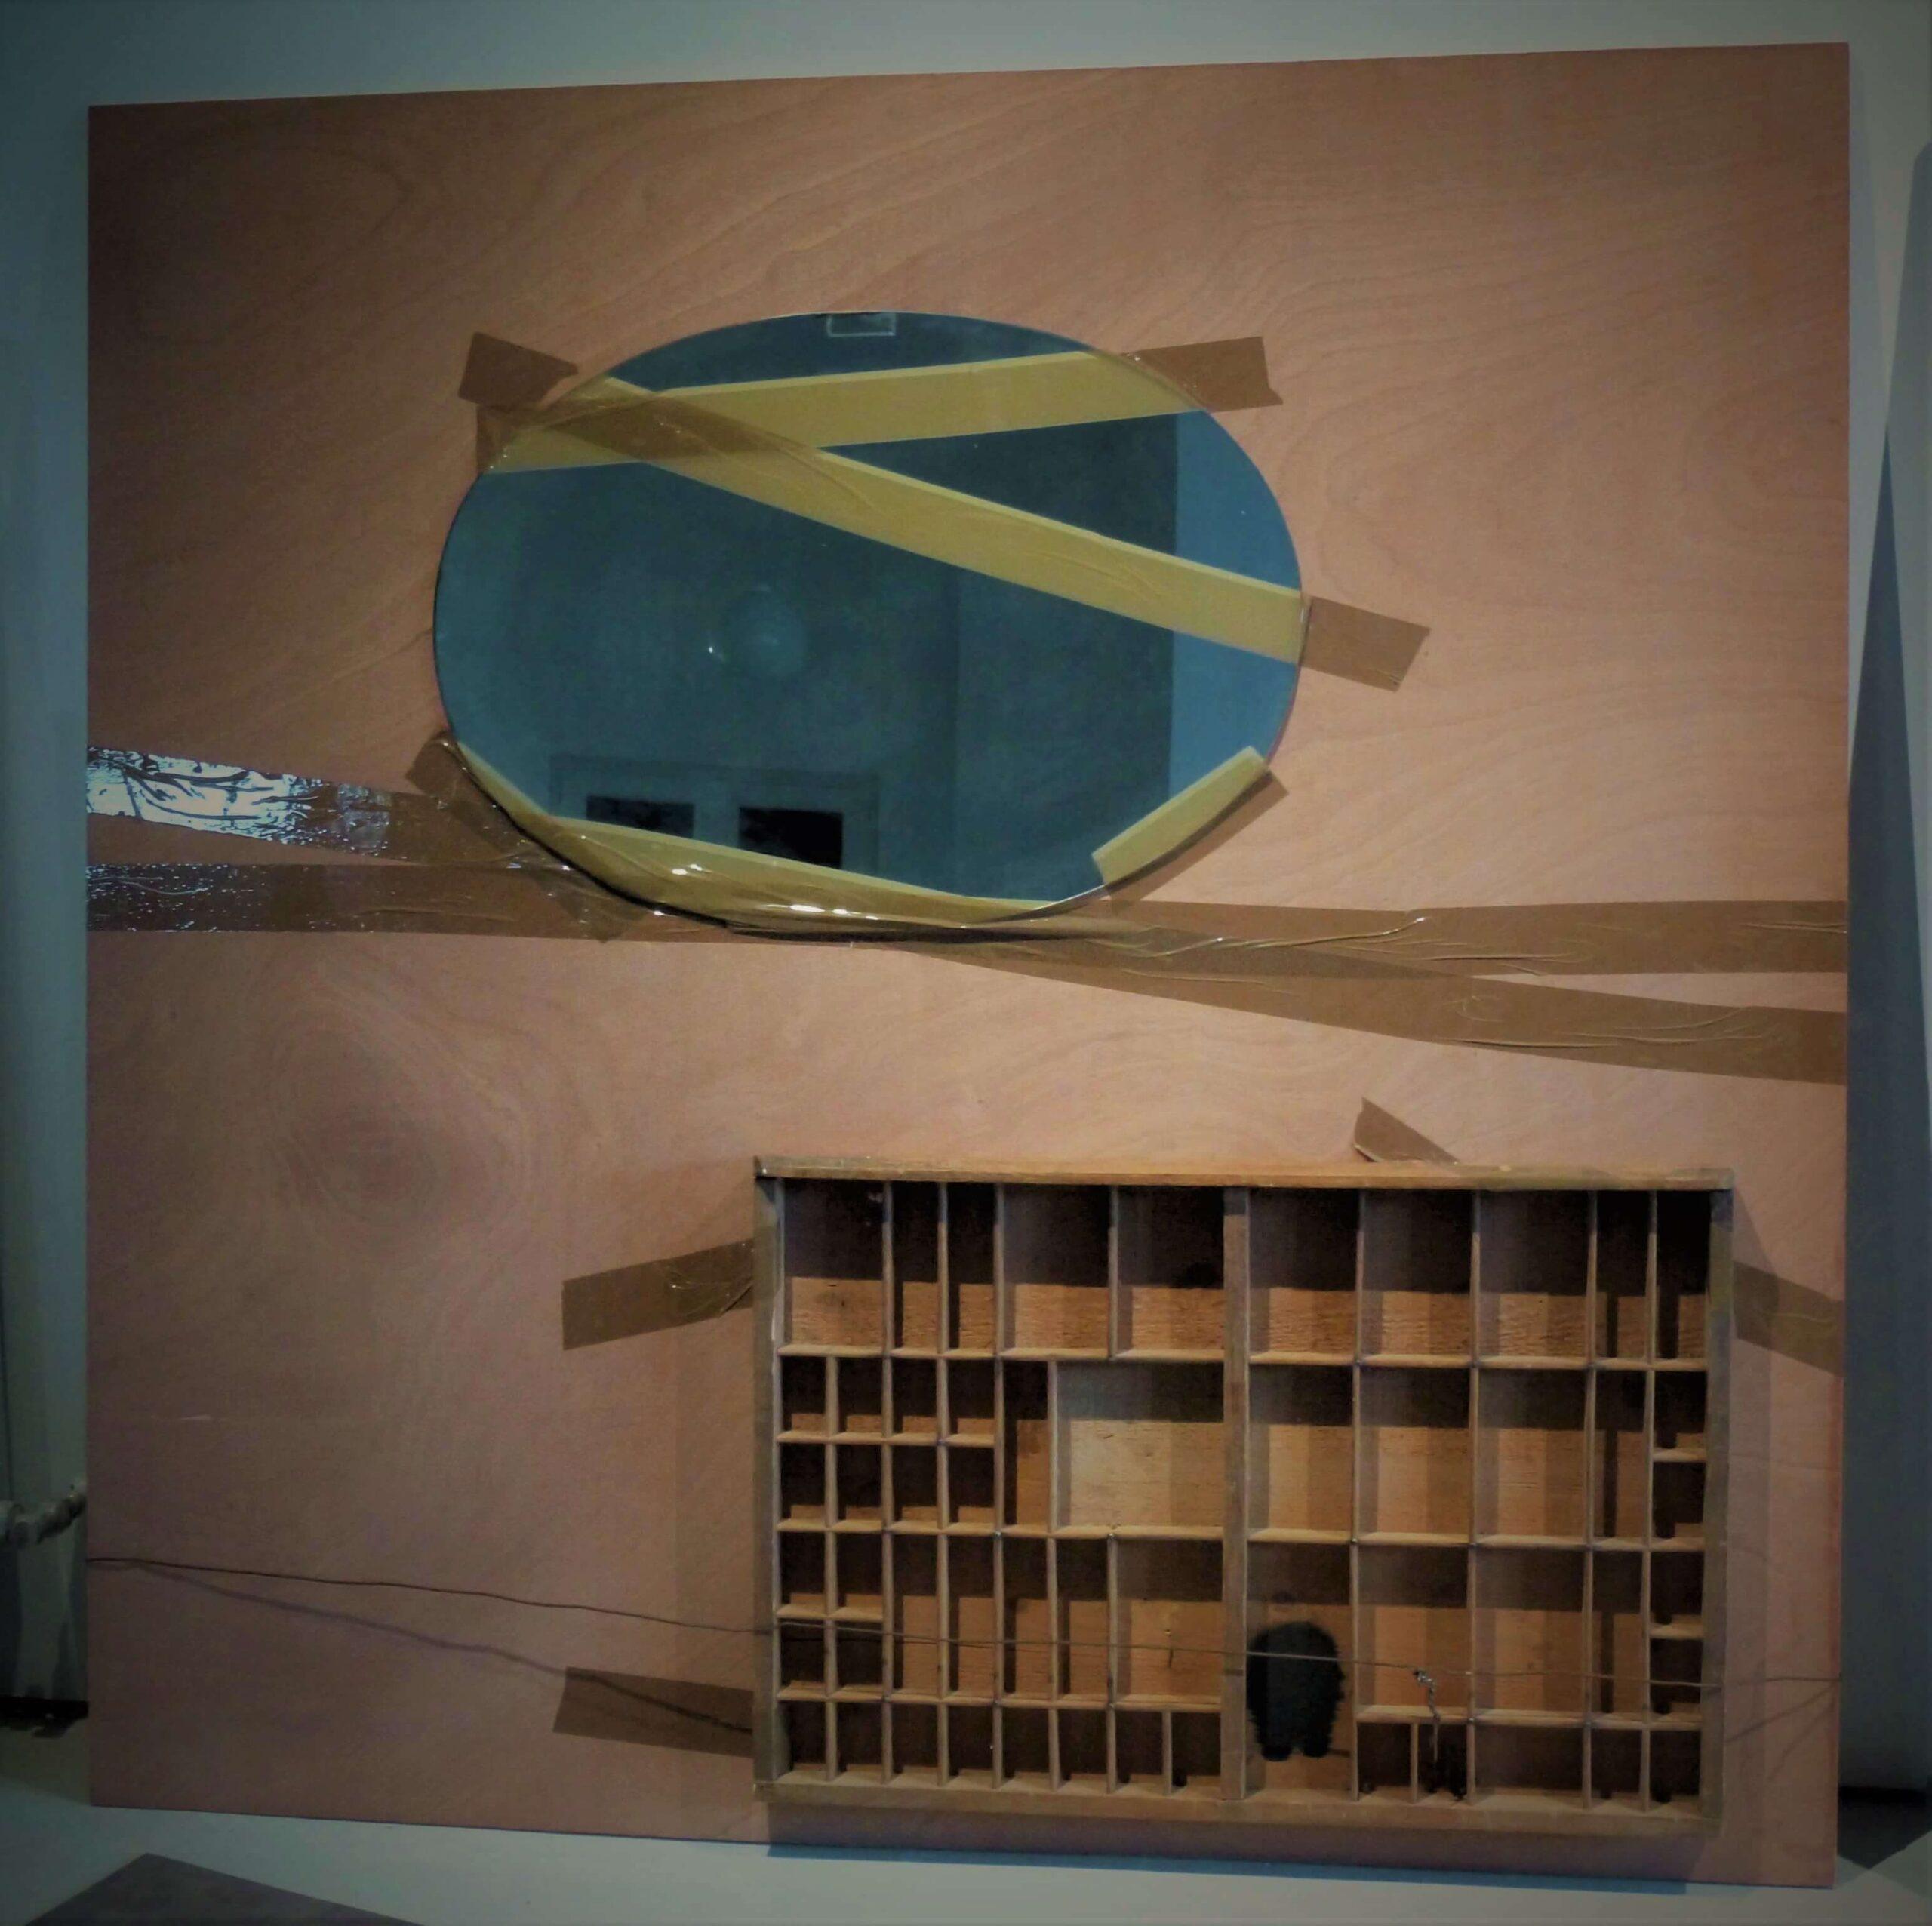 """""""Borges o la falla del Logos"""" espejo, caja de tipografías de imprenta, tinta negra, alambre y cinta adhesiva de embalaje sobre madera, 122 x 122 cm, 2017"""